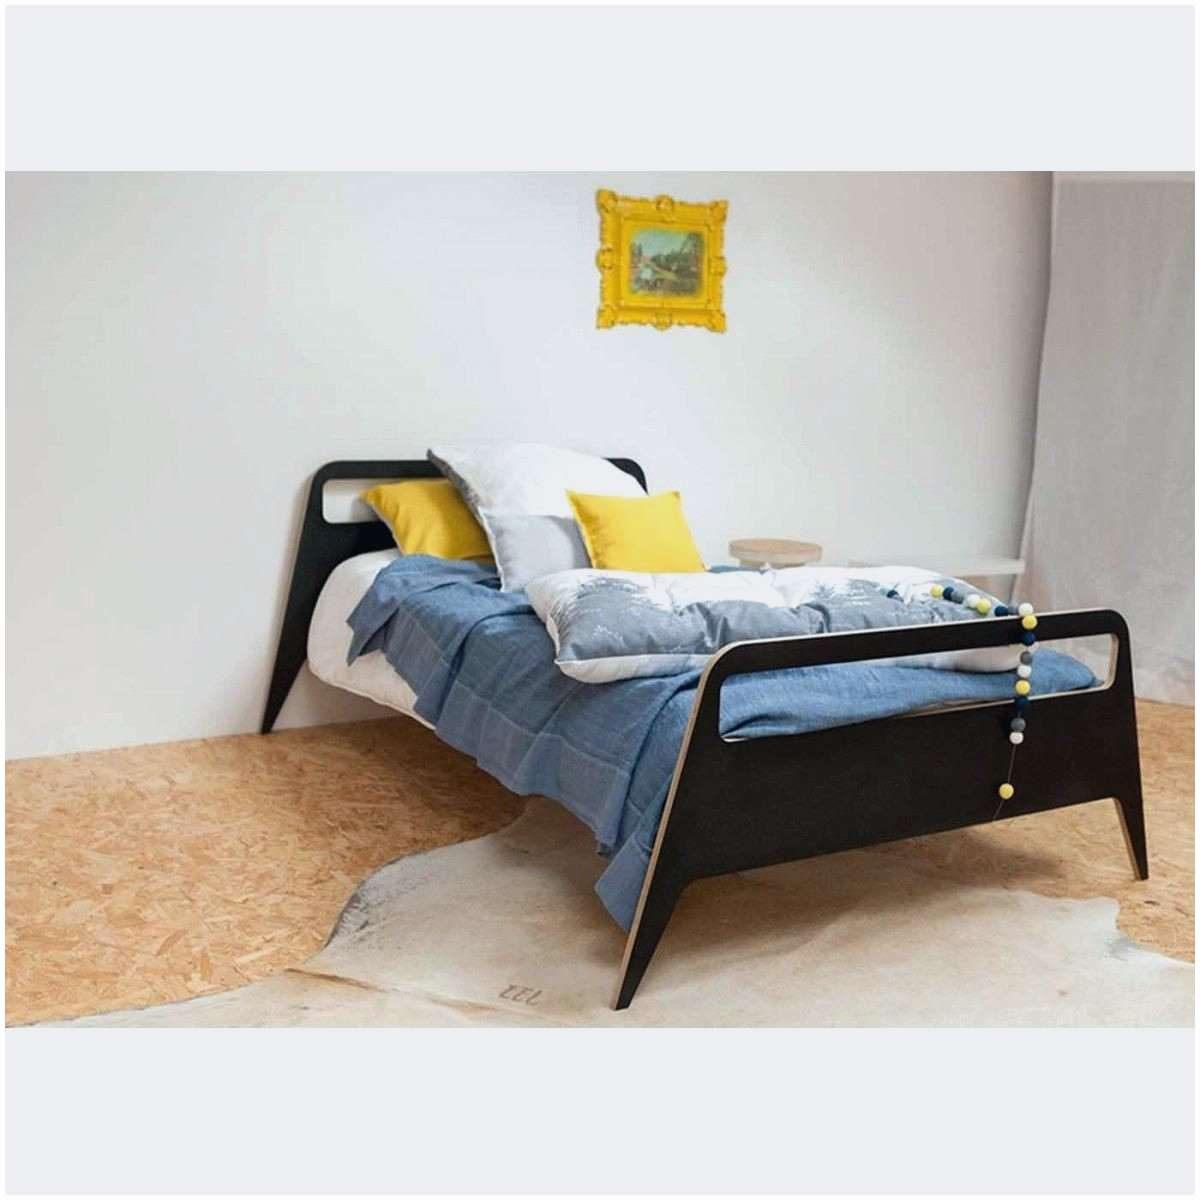 Lit Mezzanine 1 Personne Joli Luxe Lit Mezzanine Clic Clac Ikea Unique Lit Mezzanine 160—200 Pour